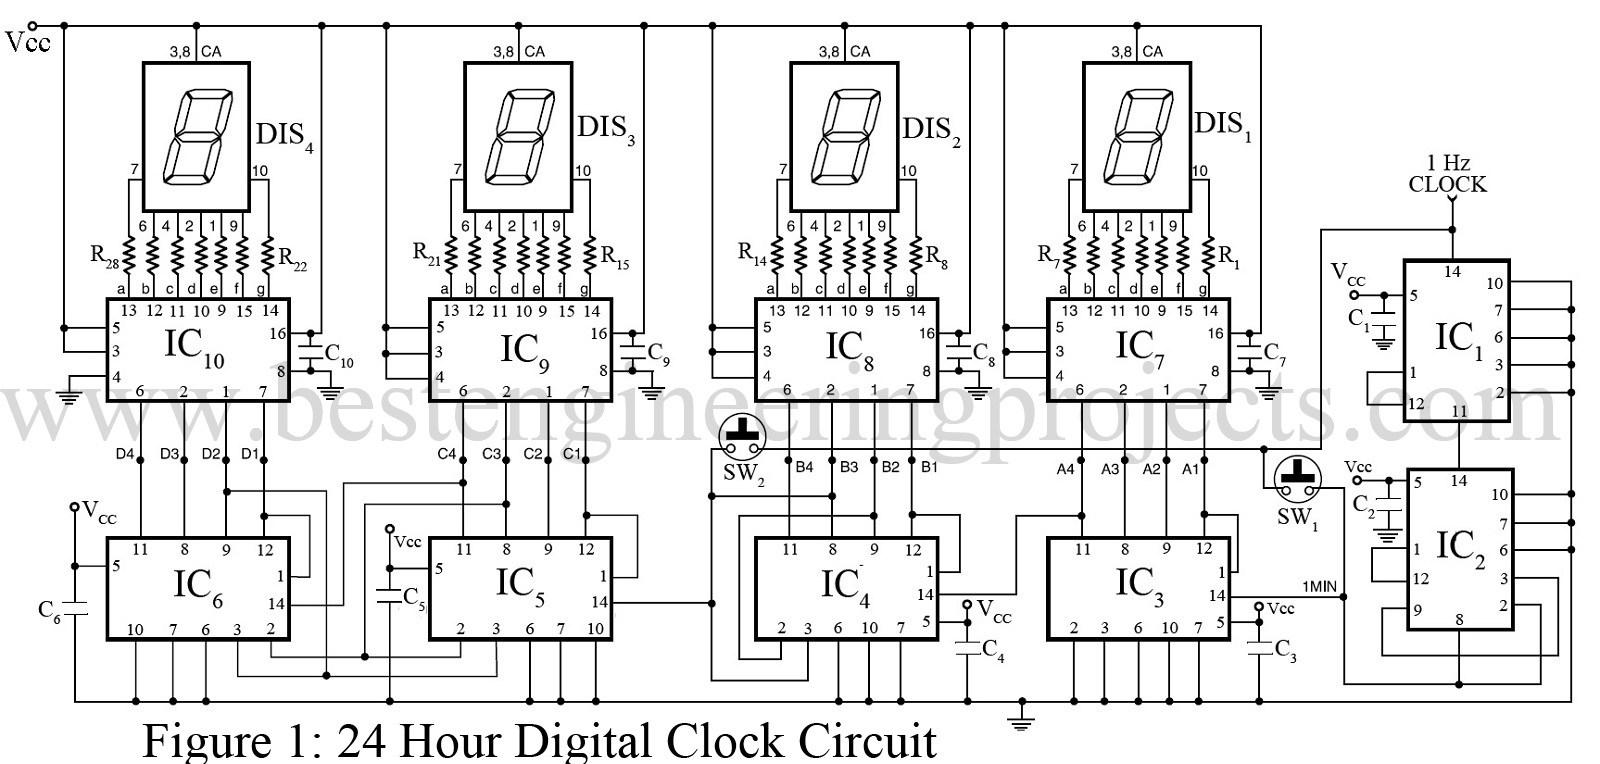 wiring diagram of electronic clock wiring diagram name electric clock wiring diagram wiring diagram blog electric [ 1600 x 764 Pixel ]